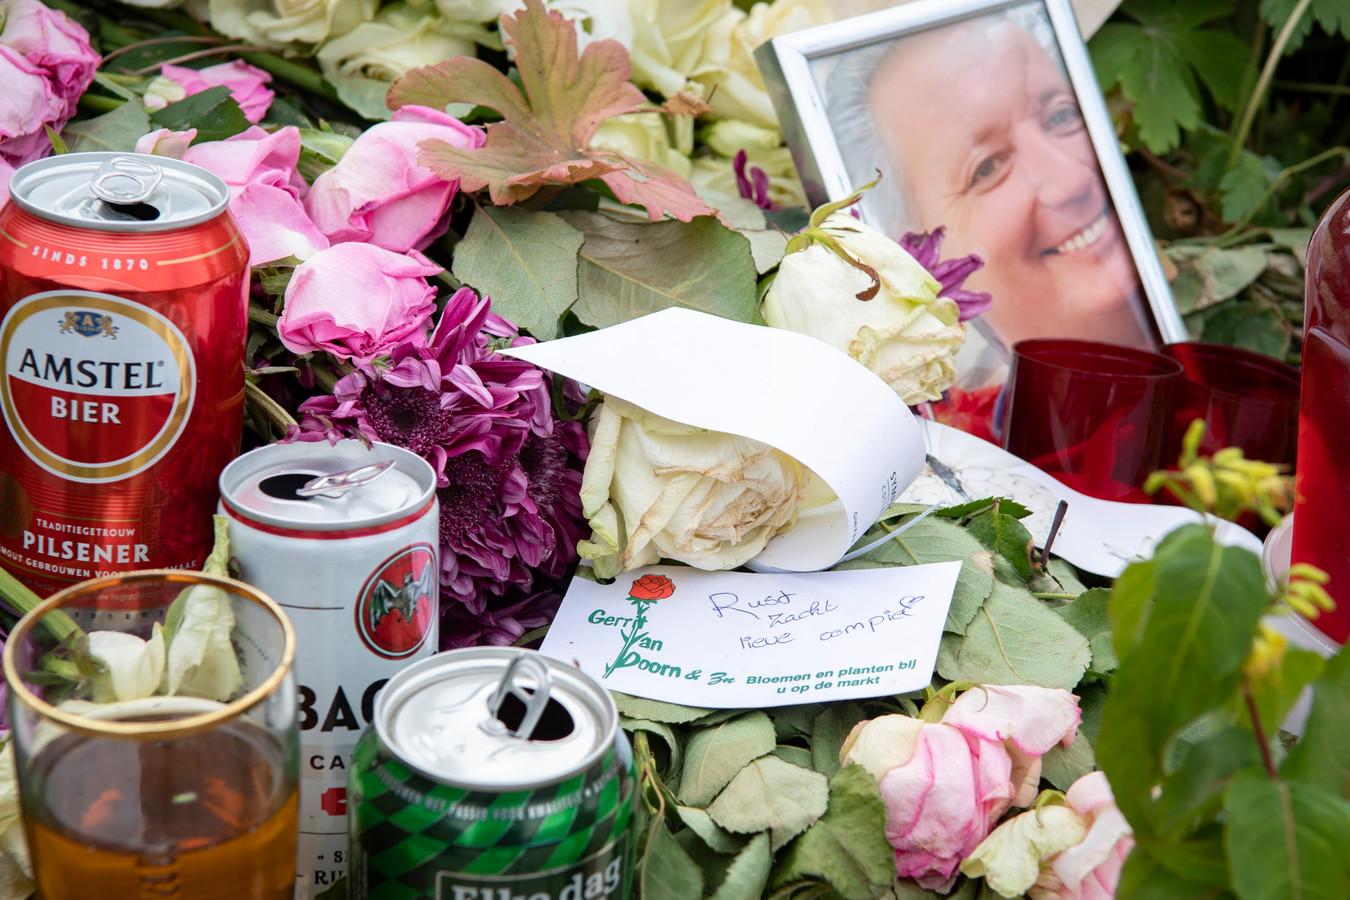 Blikjes bier en Bacardi op de plek waar Rob van Eijk werd doodgeschoten.